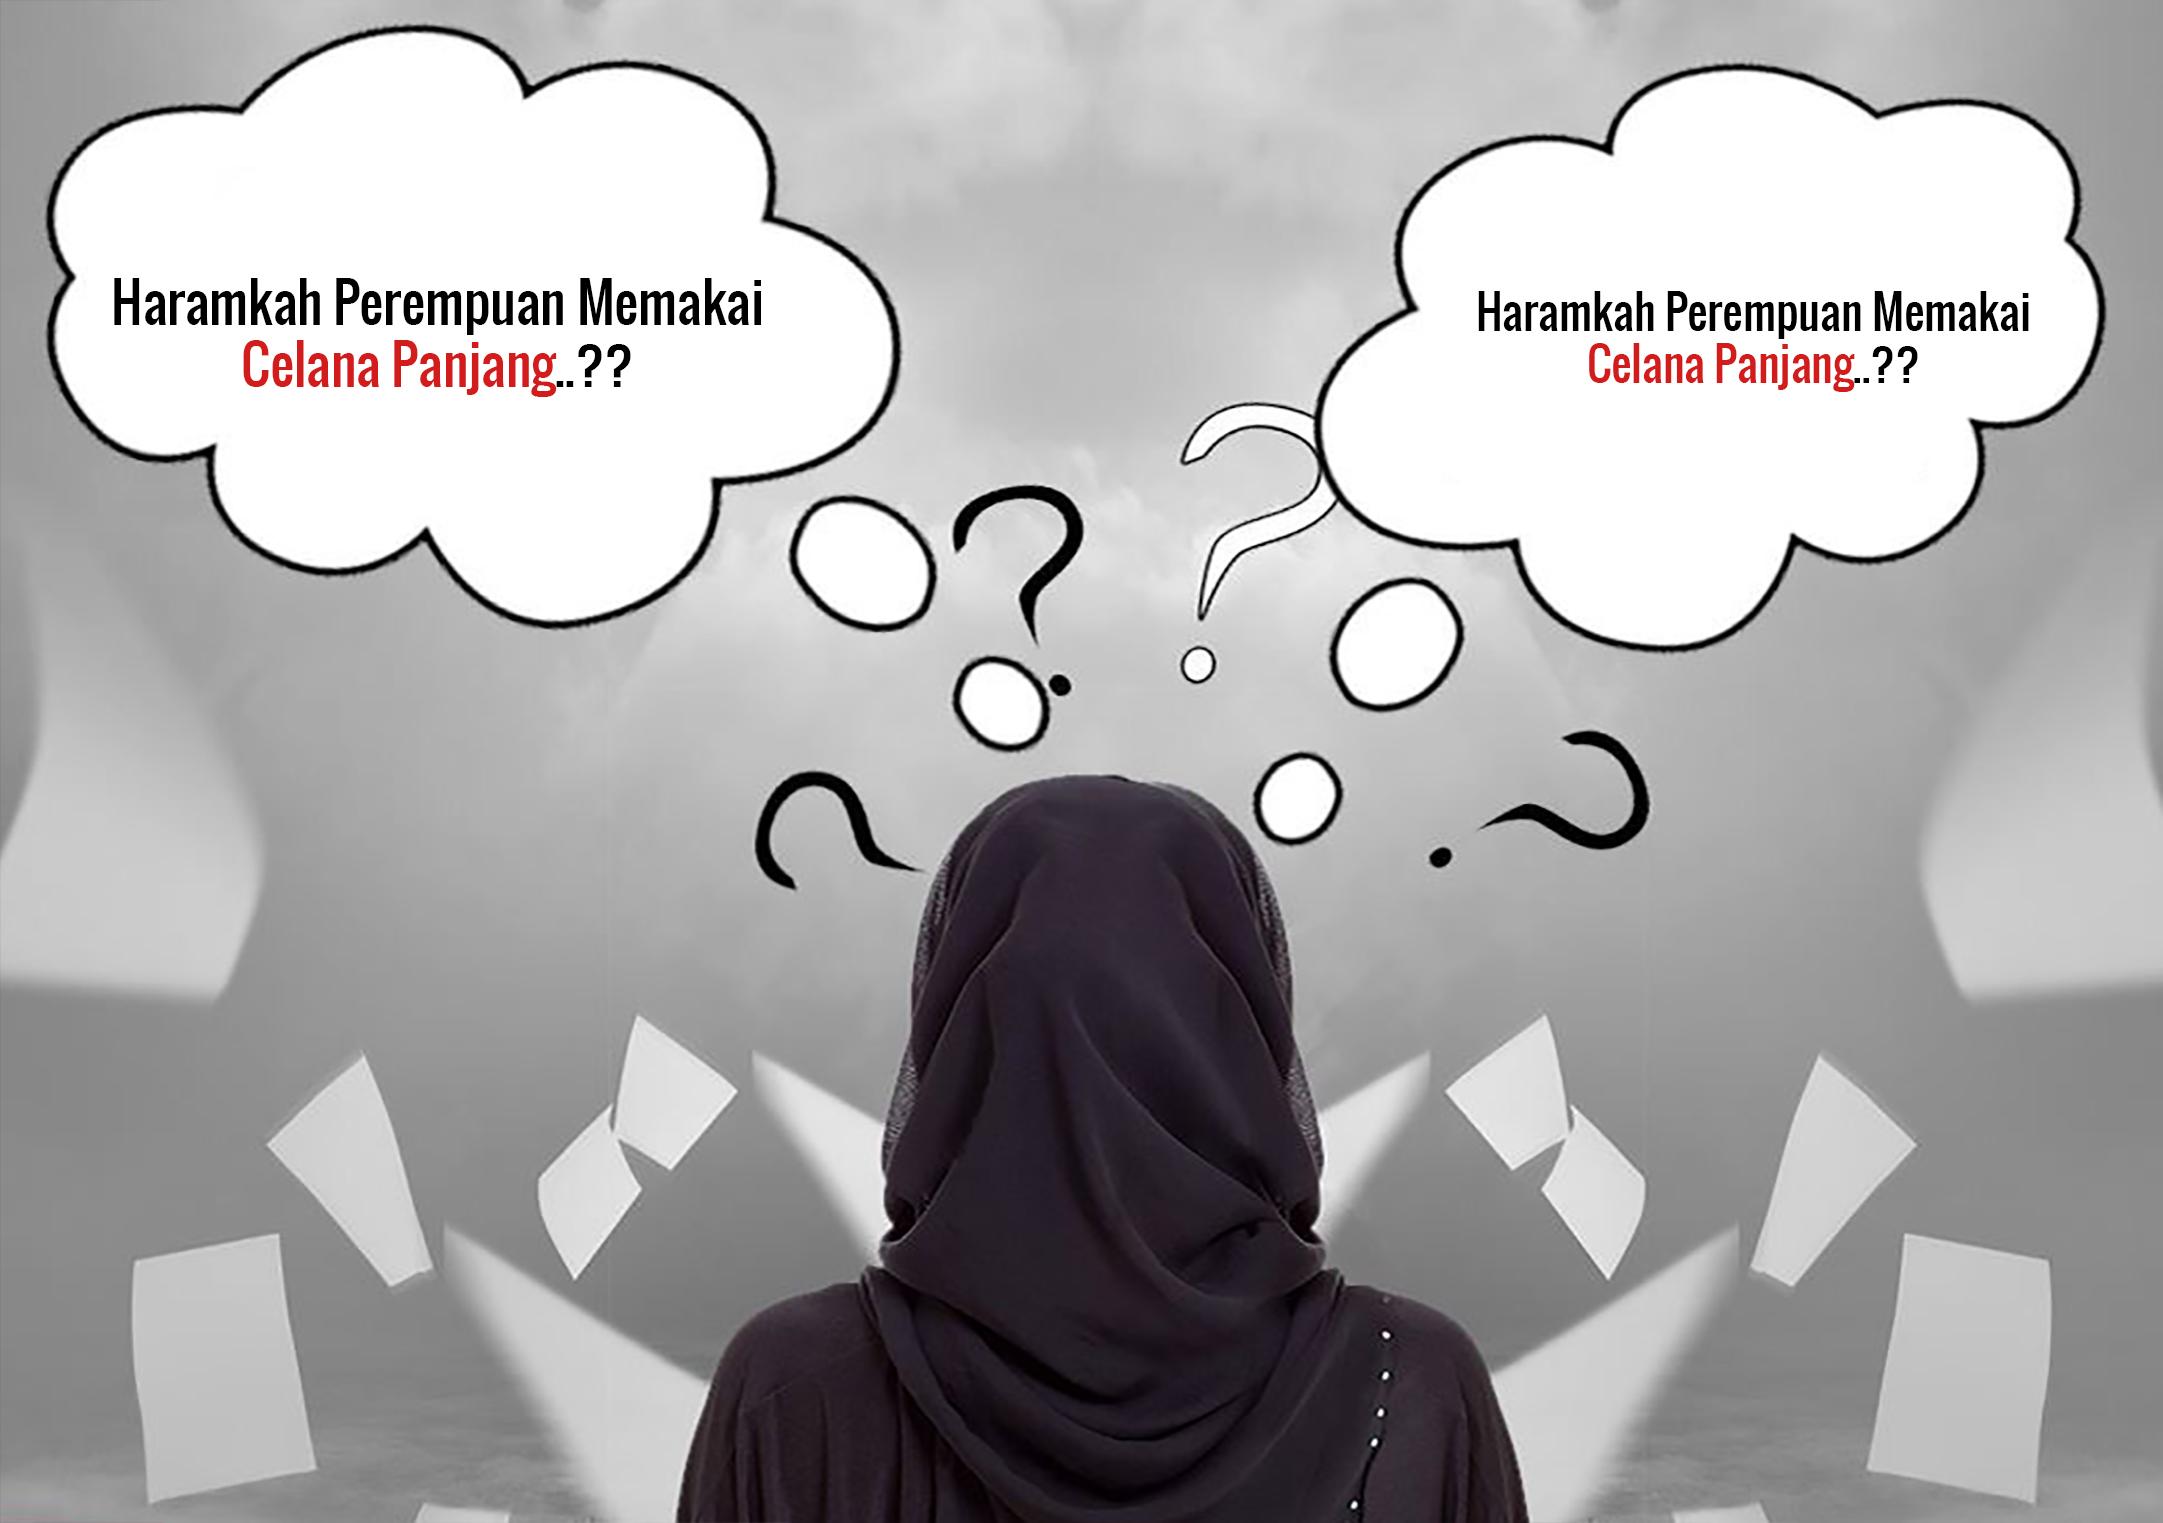 Haramkah Perempuan Memakai Celana Panjang??